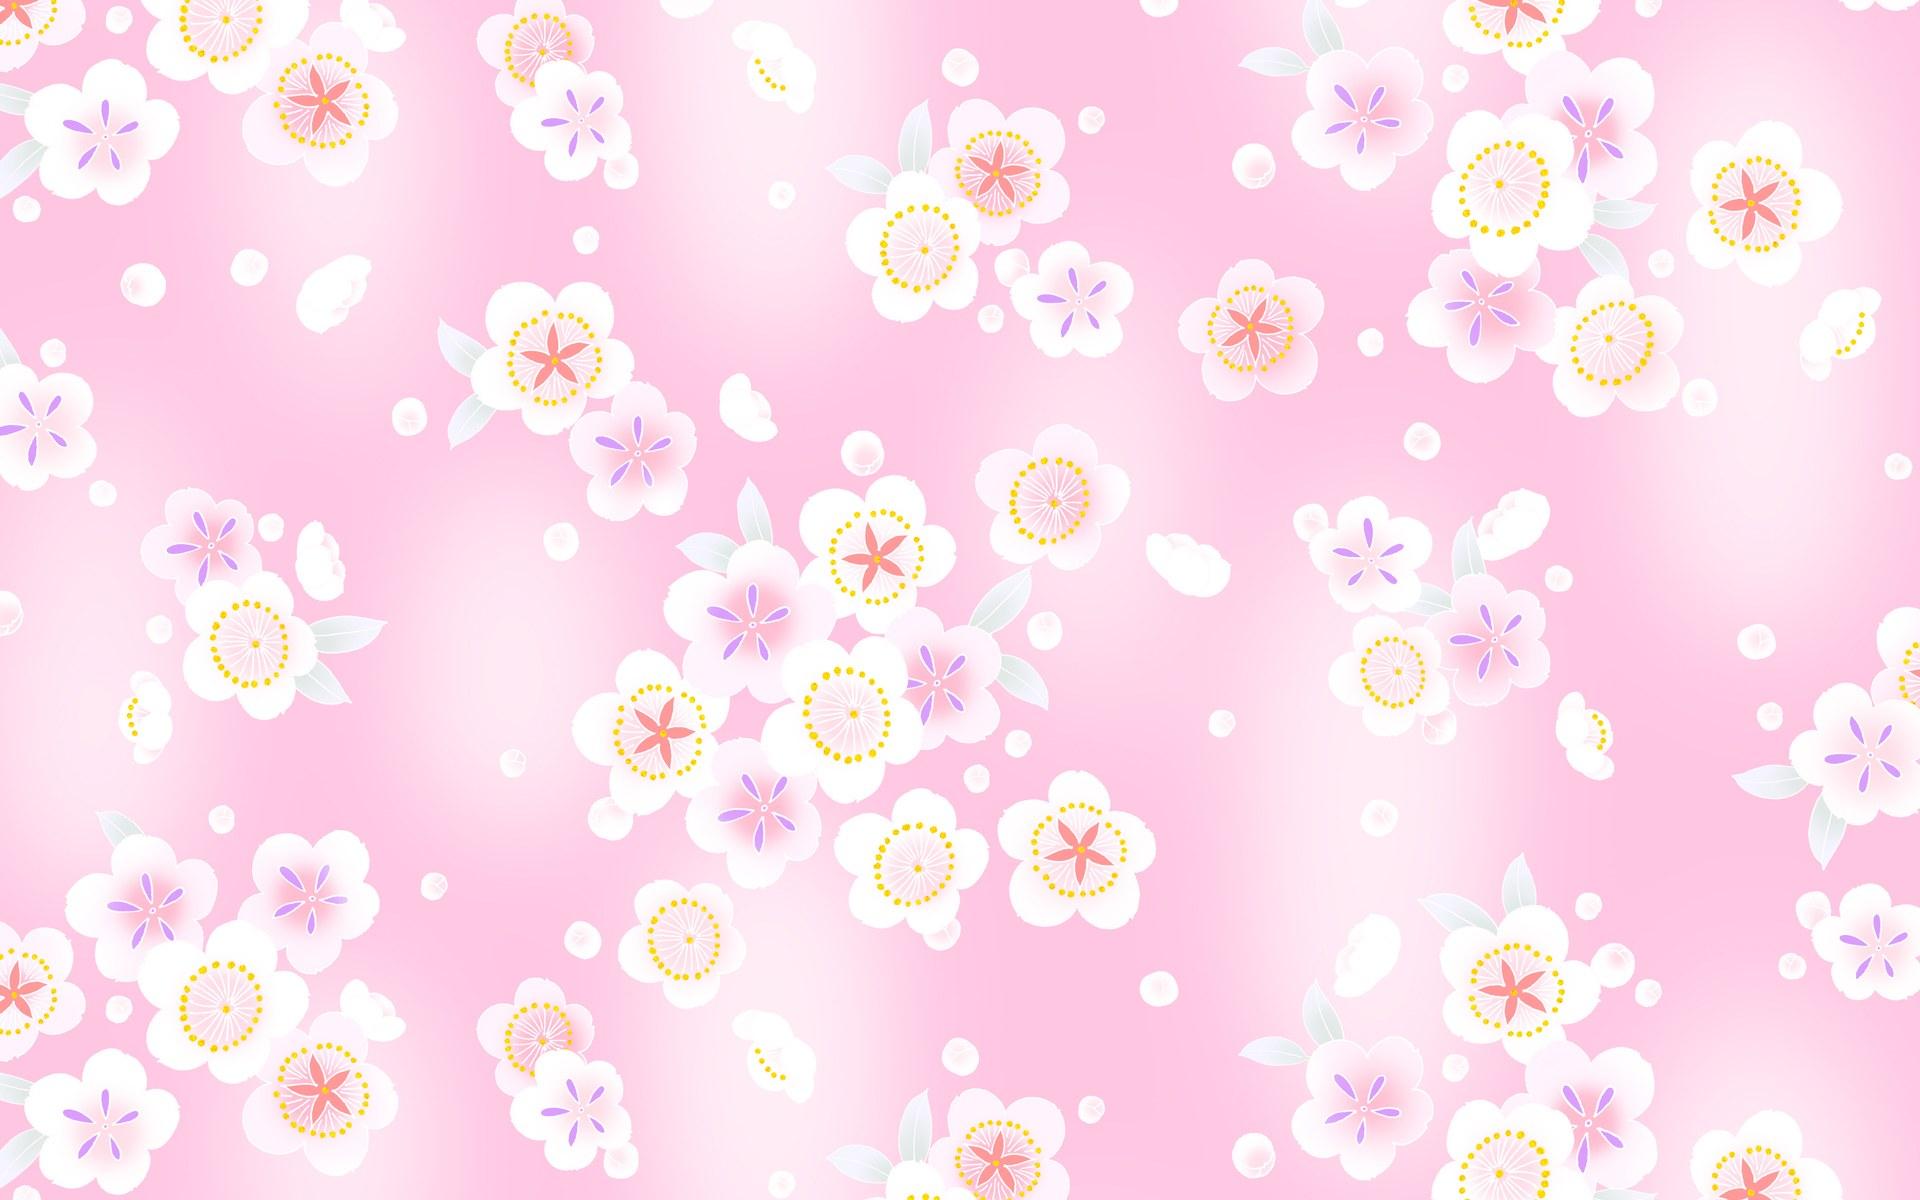 欧式碎花沙发布料贴图内容欧式碎花沙发布料贴图